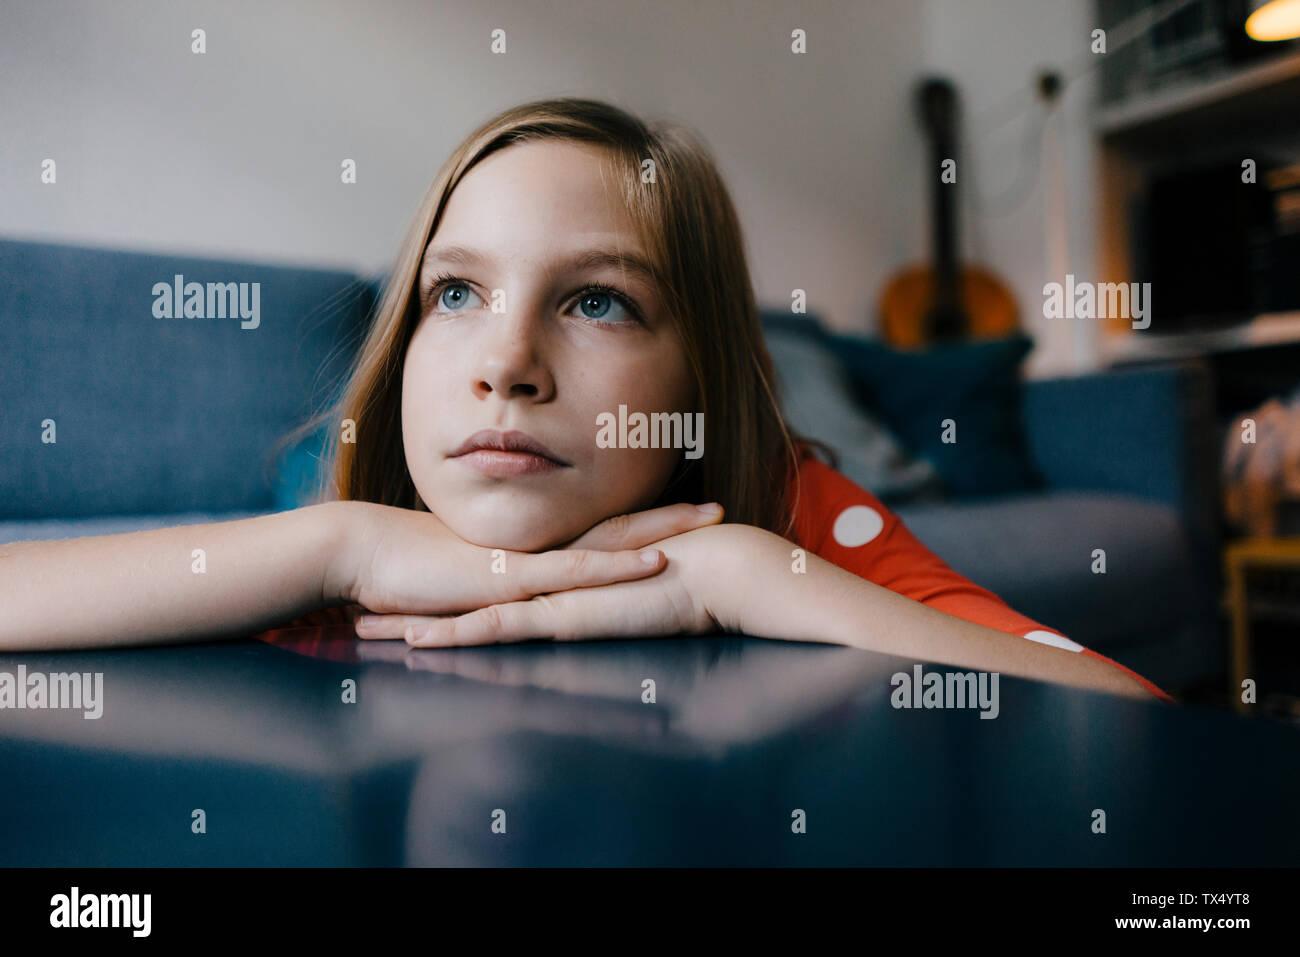 Ragazza seria in appoggio la sua testa sul tavolino da caffè a casa Foto Stock